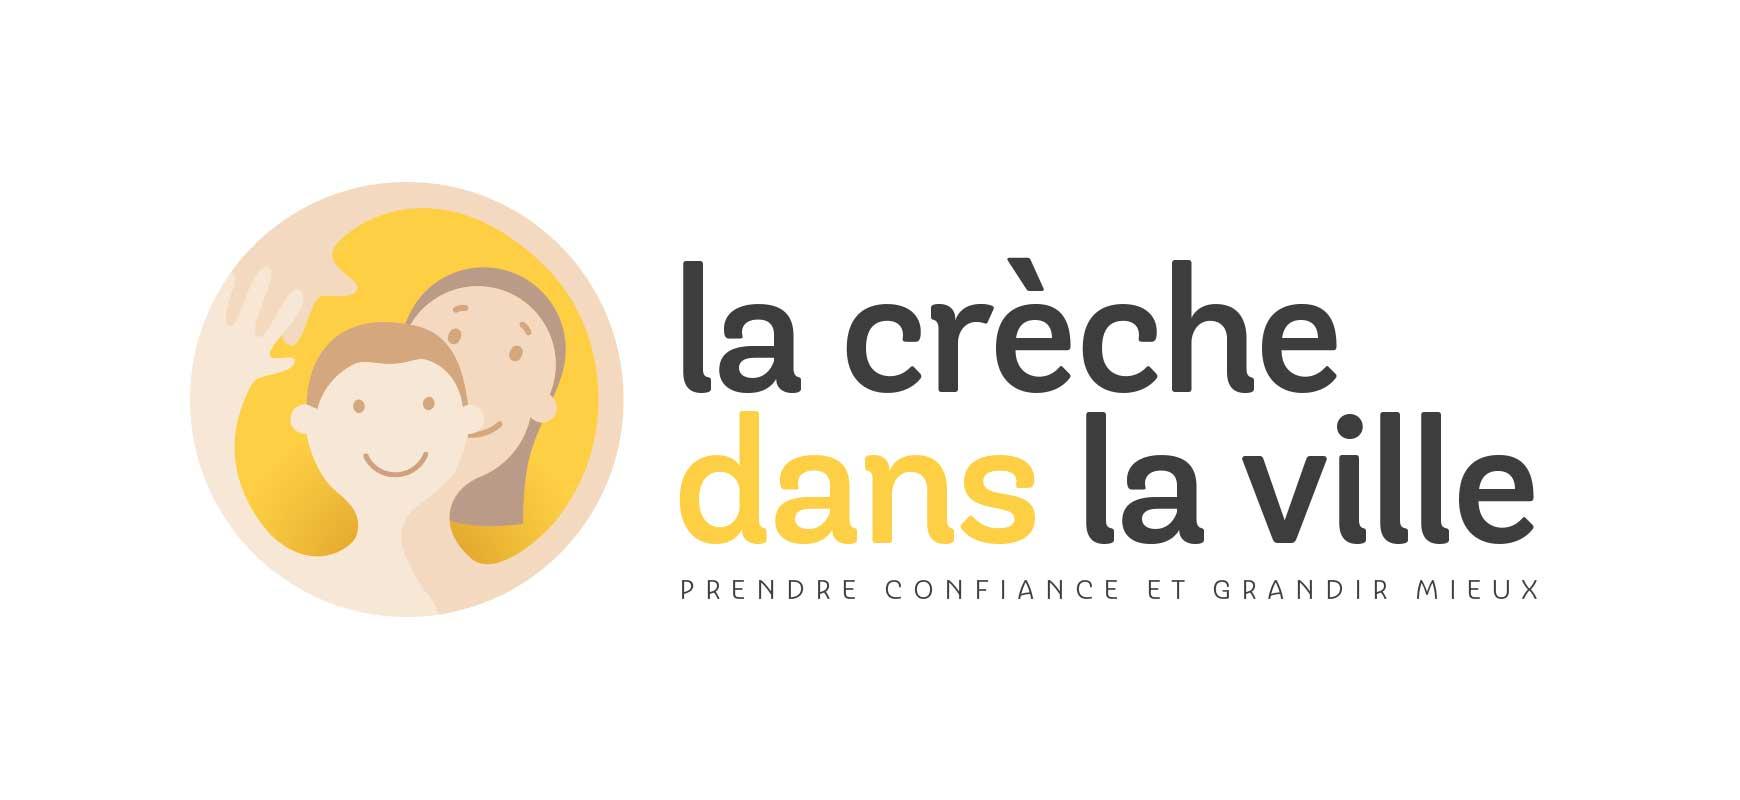 la-creche-dans-la-ville-logo-dunkerque